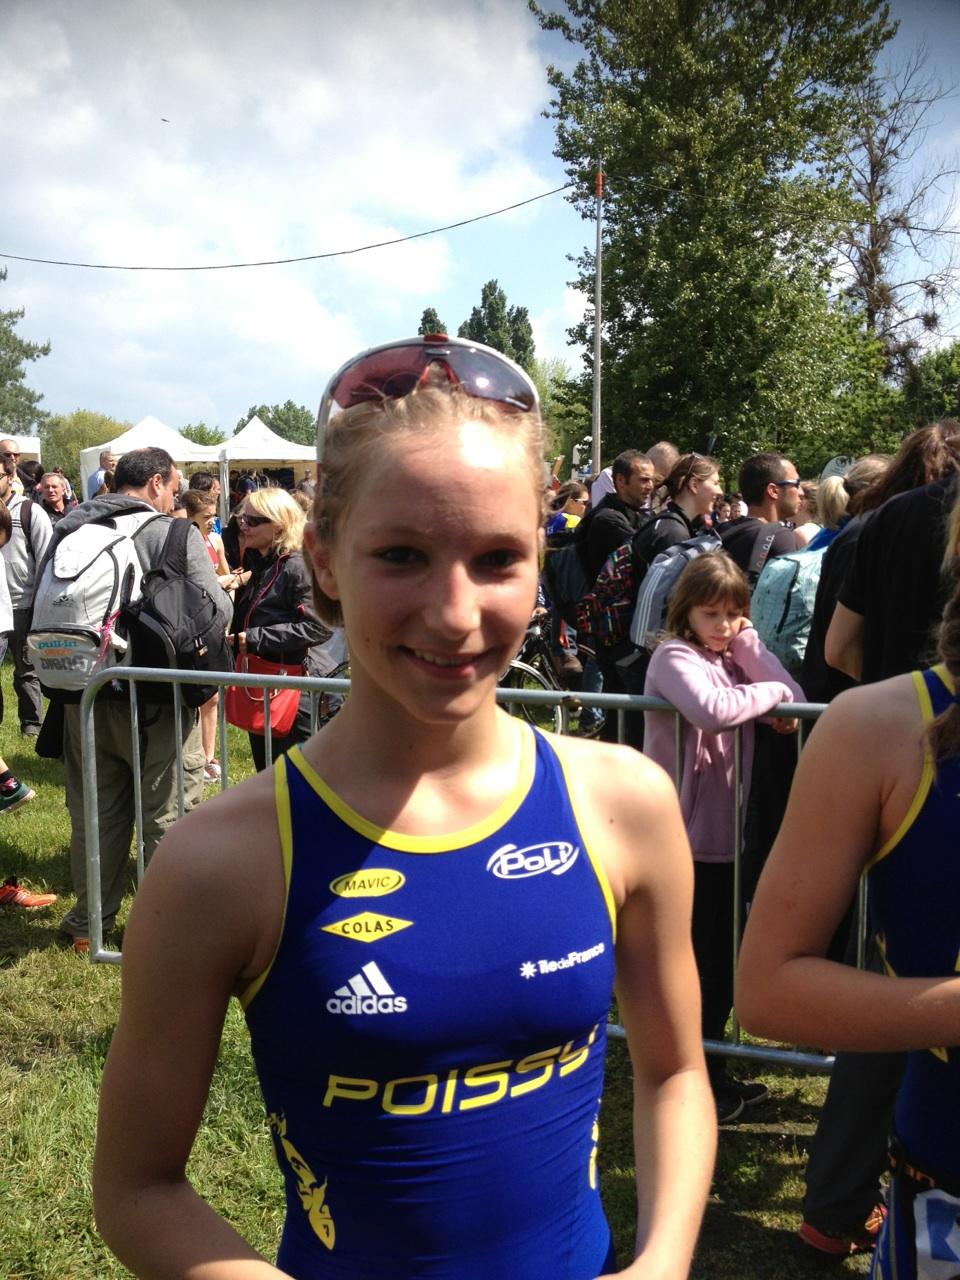 En direct des championnats de France jeunes :Marine Vetillard, championne de France minime